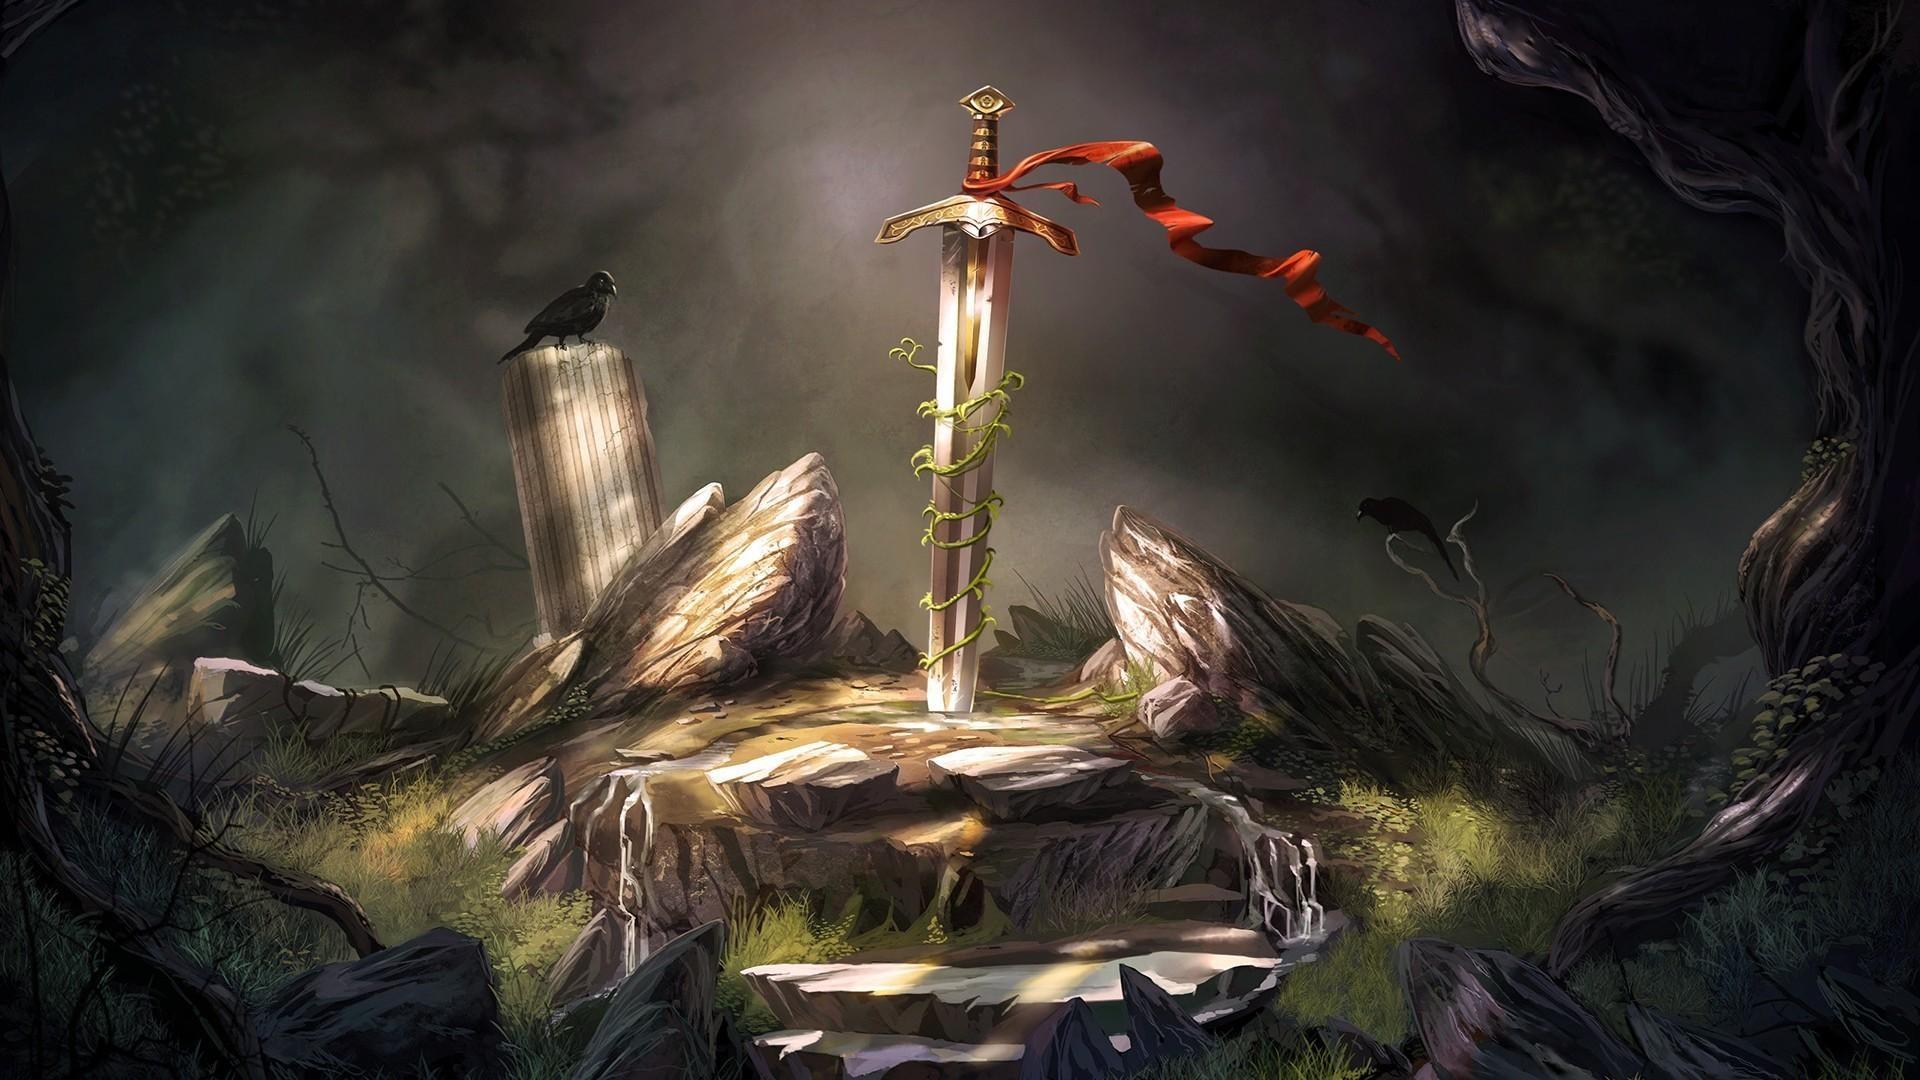 Excalibur Sword 1920x1080